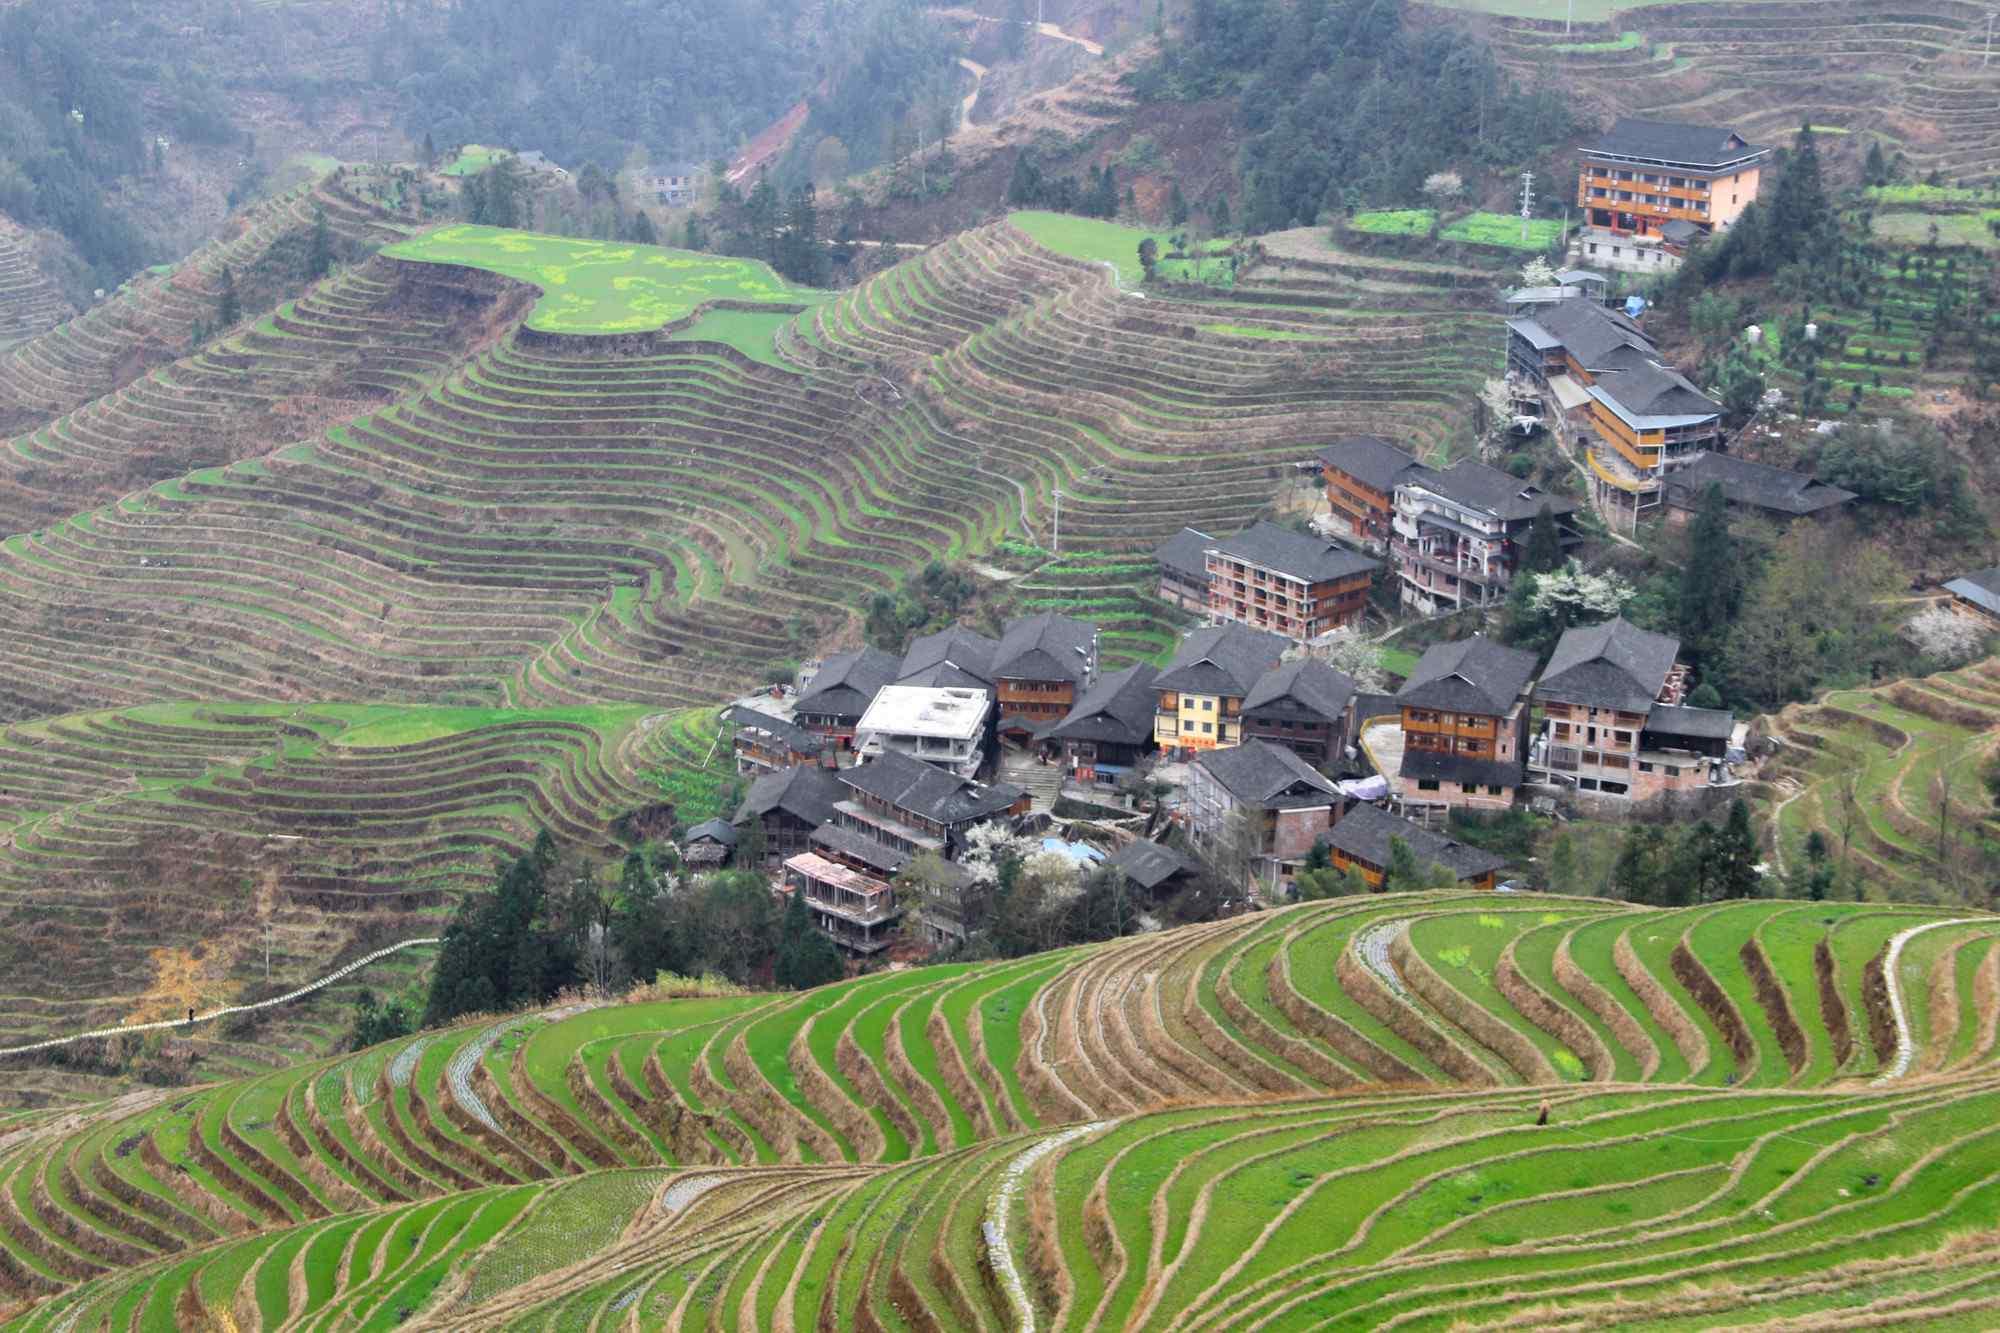 壮观的桂林梯田风景壁纸